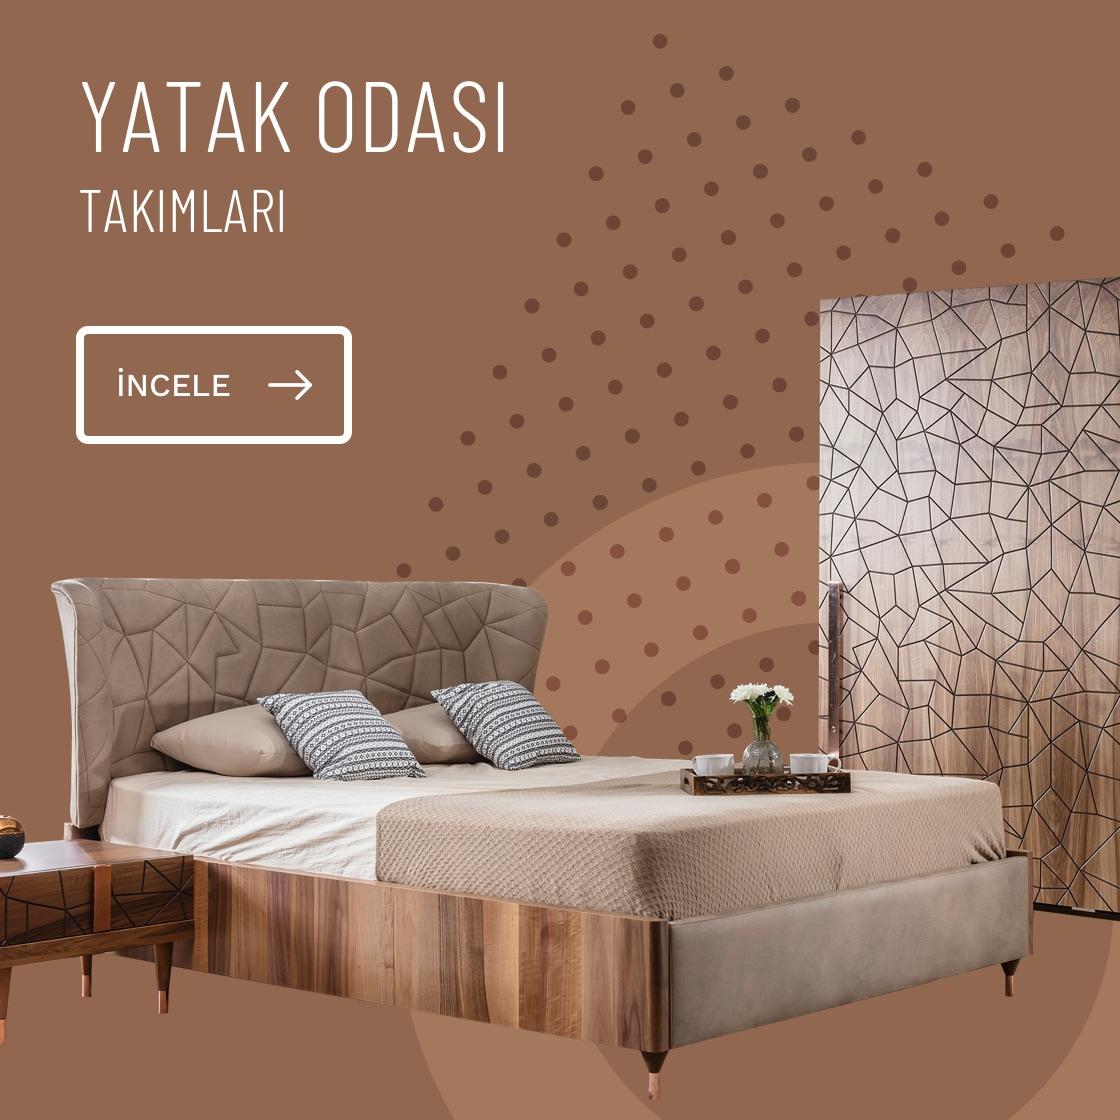 Yatak Odasý Takýmlarý